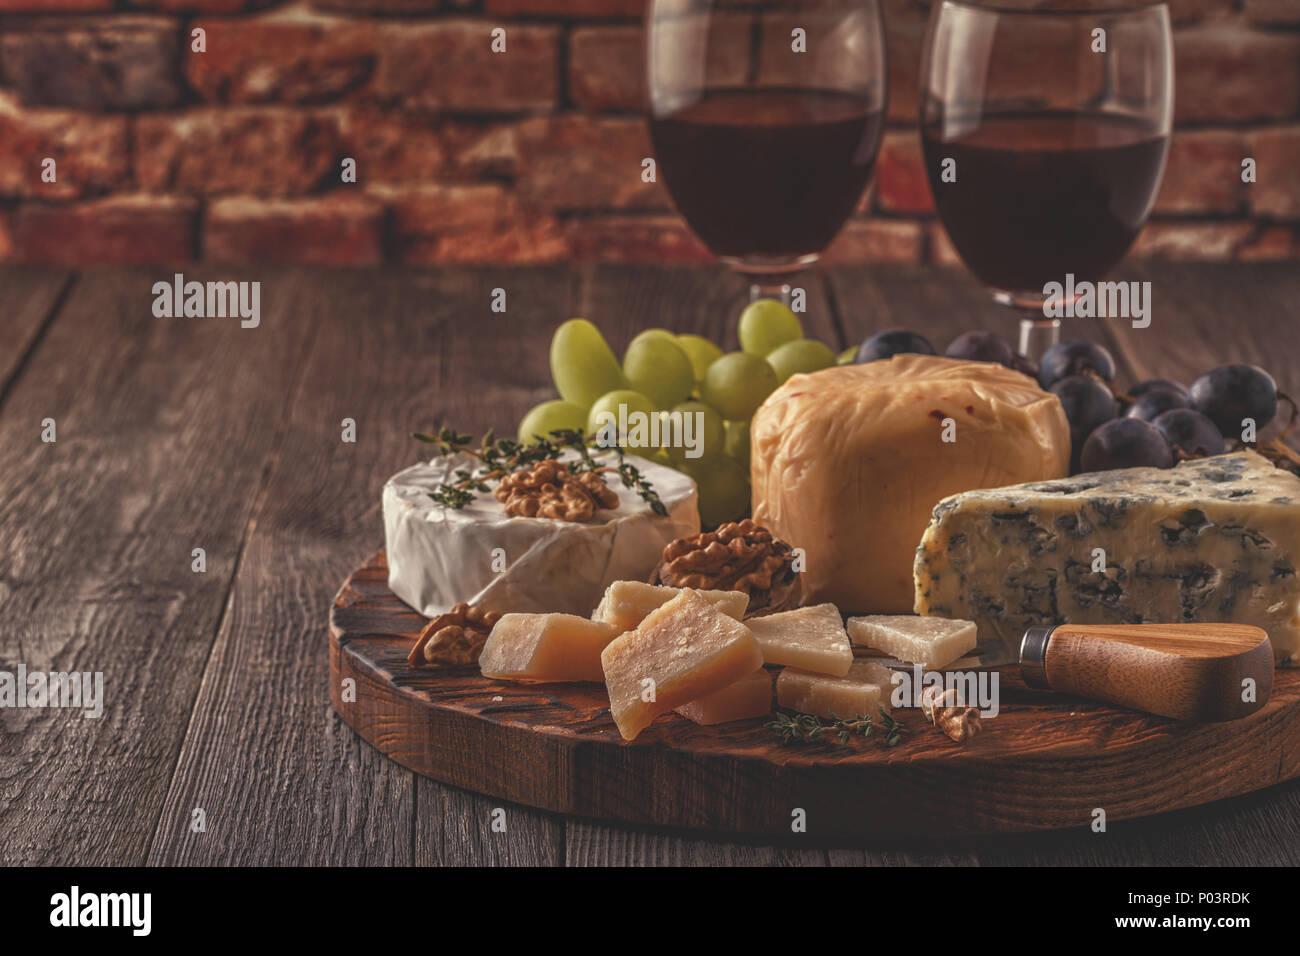 Käse, Nüsse, Trauben und Rotwein auf Holz- Hintergrund, selektive konzentrieren. Stockbild